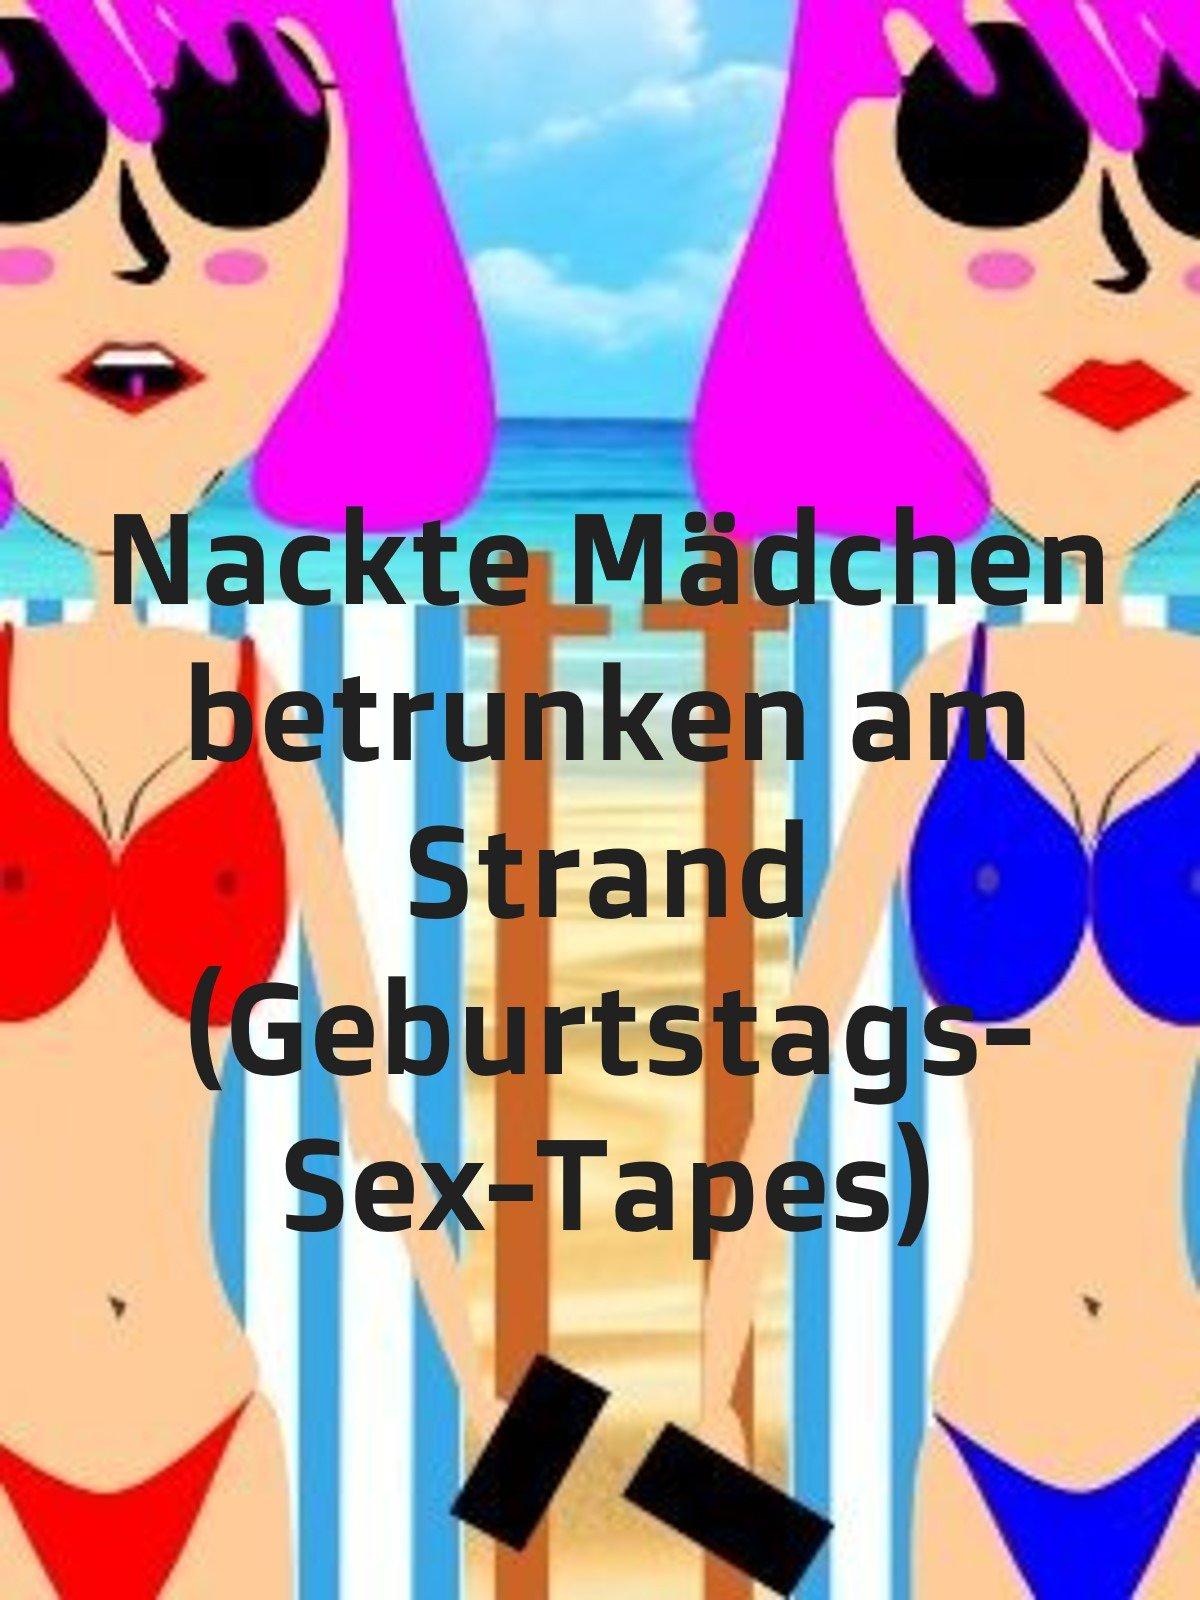 Haben Sex nackt Mädchen außerhalb Fkk img.rarediseaseday.org